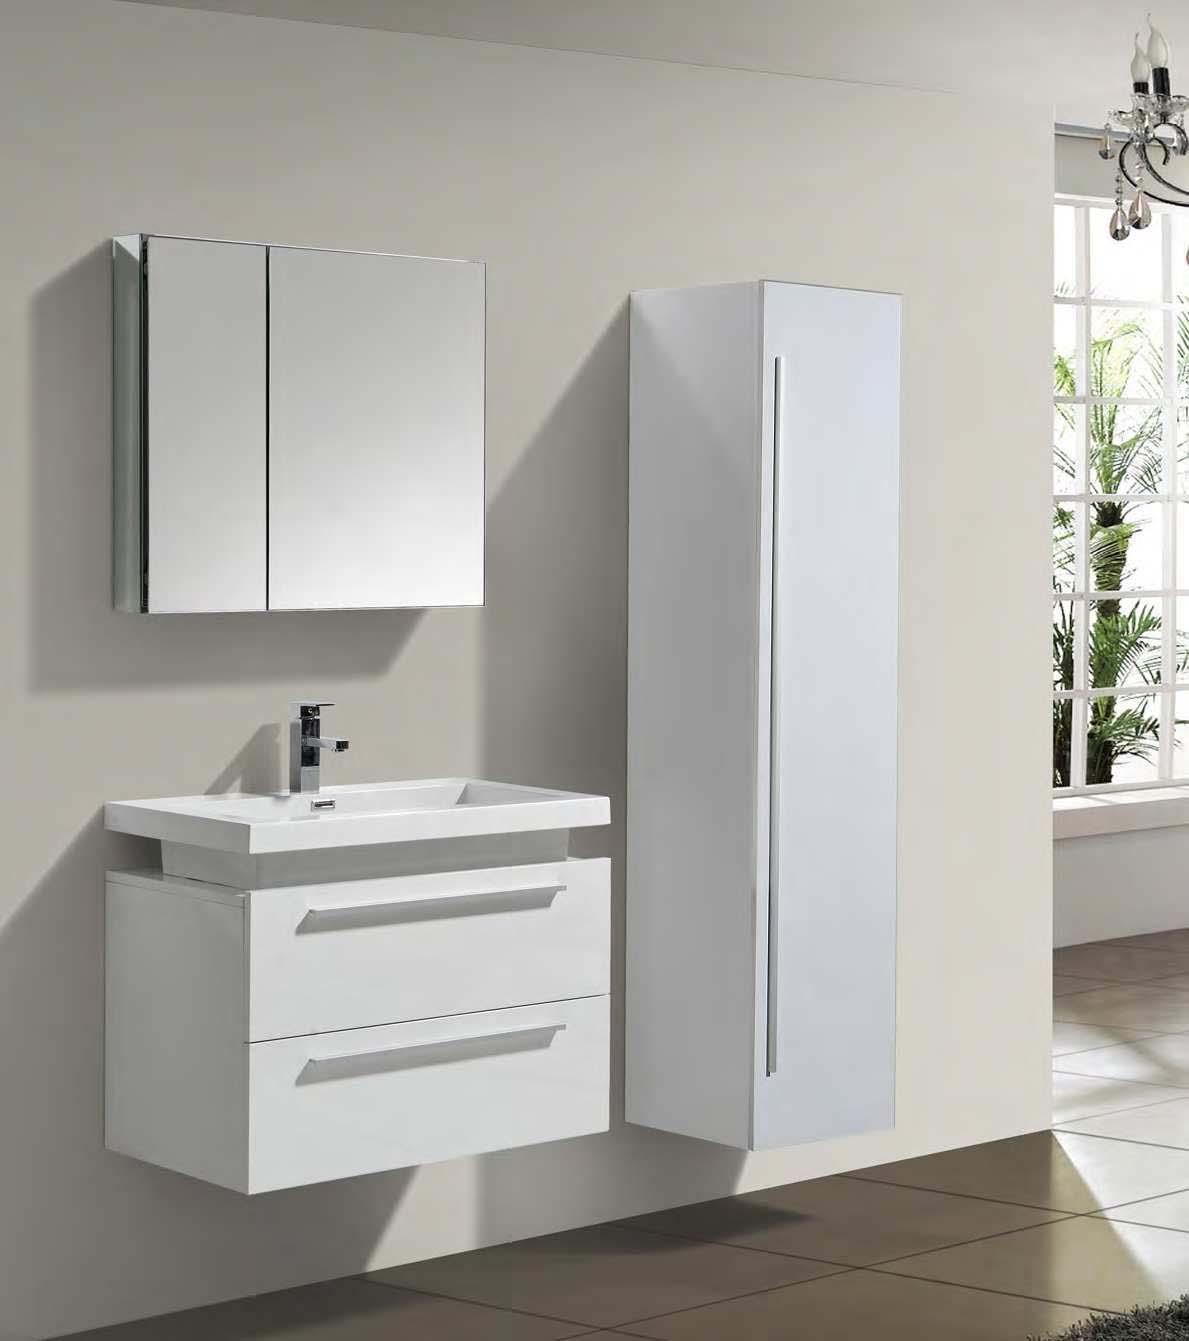 Armoire miroir de salle de bain pour rénovation